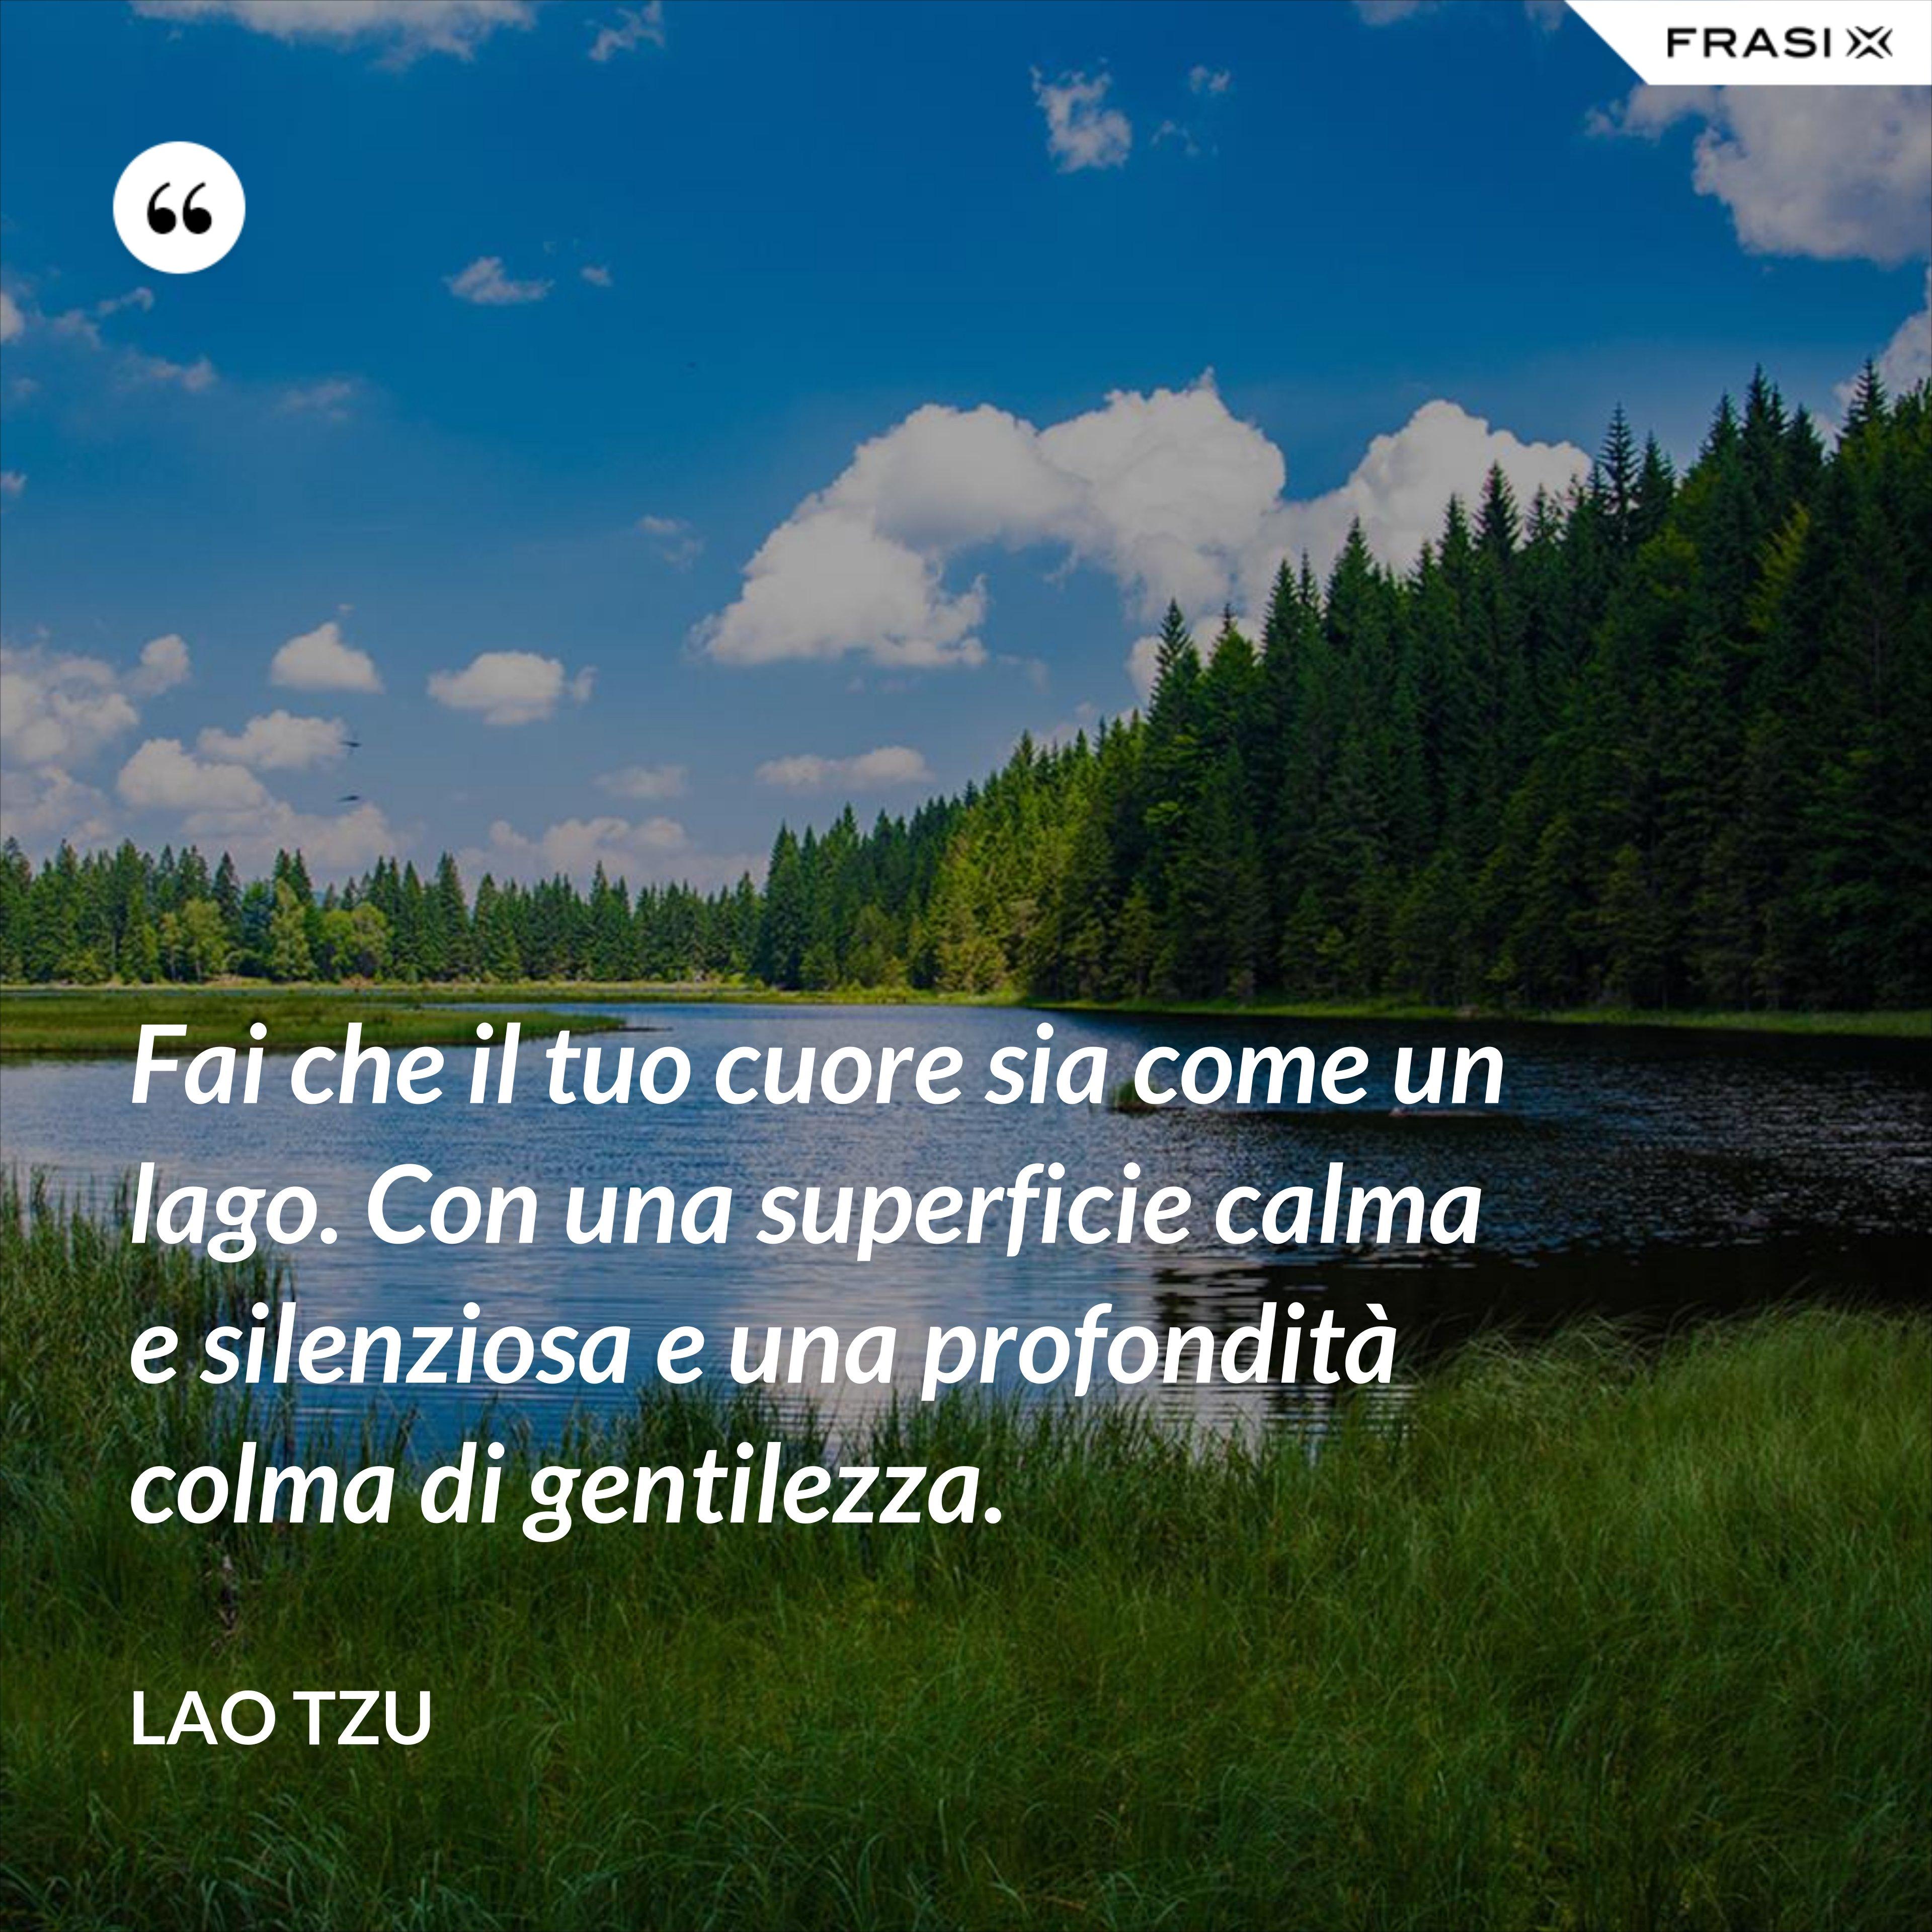 Fai che il tuo cuore sia come un lago. Con una superficie calma e silenziosa e una profondità colma di gentilezza. - Lao Tzu